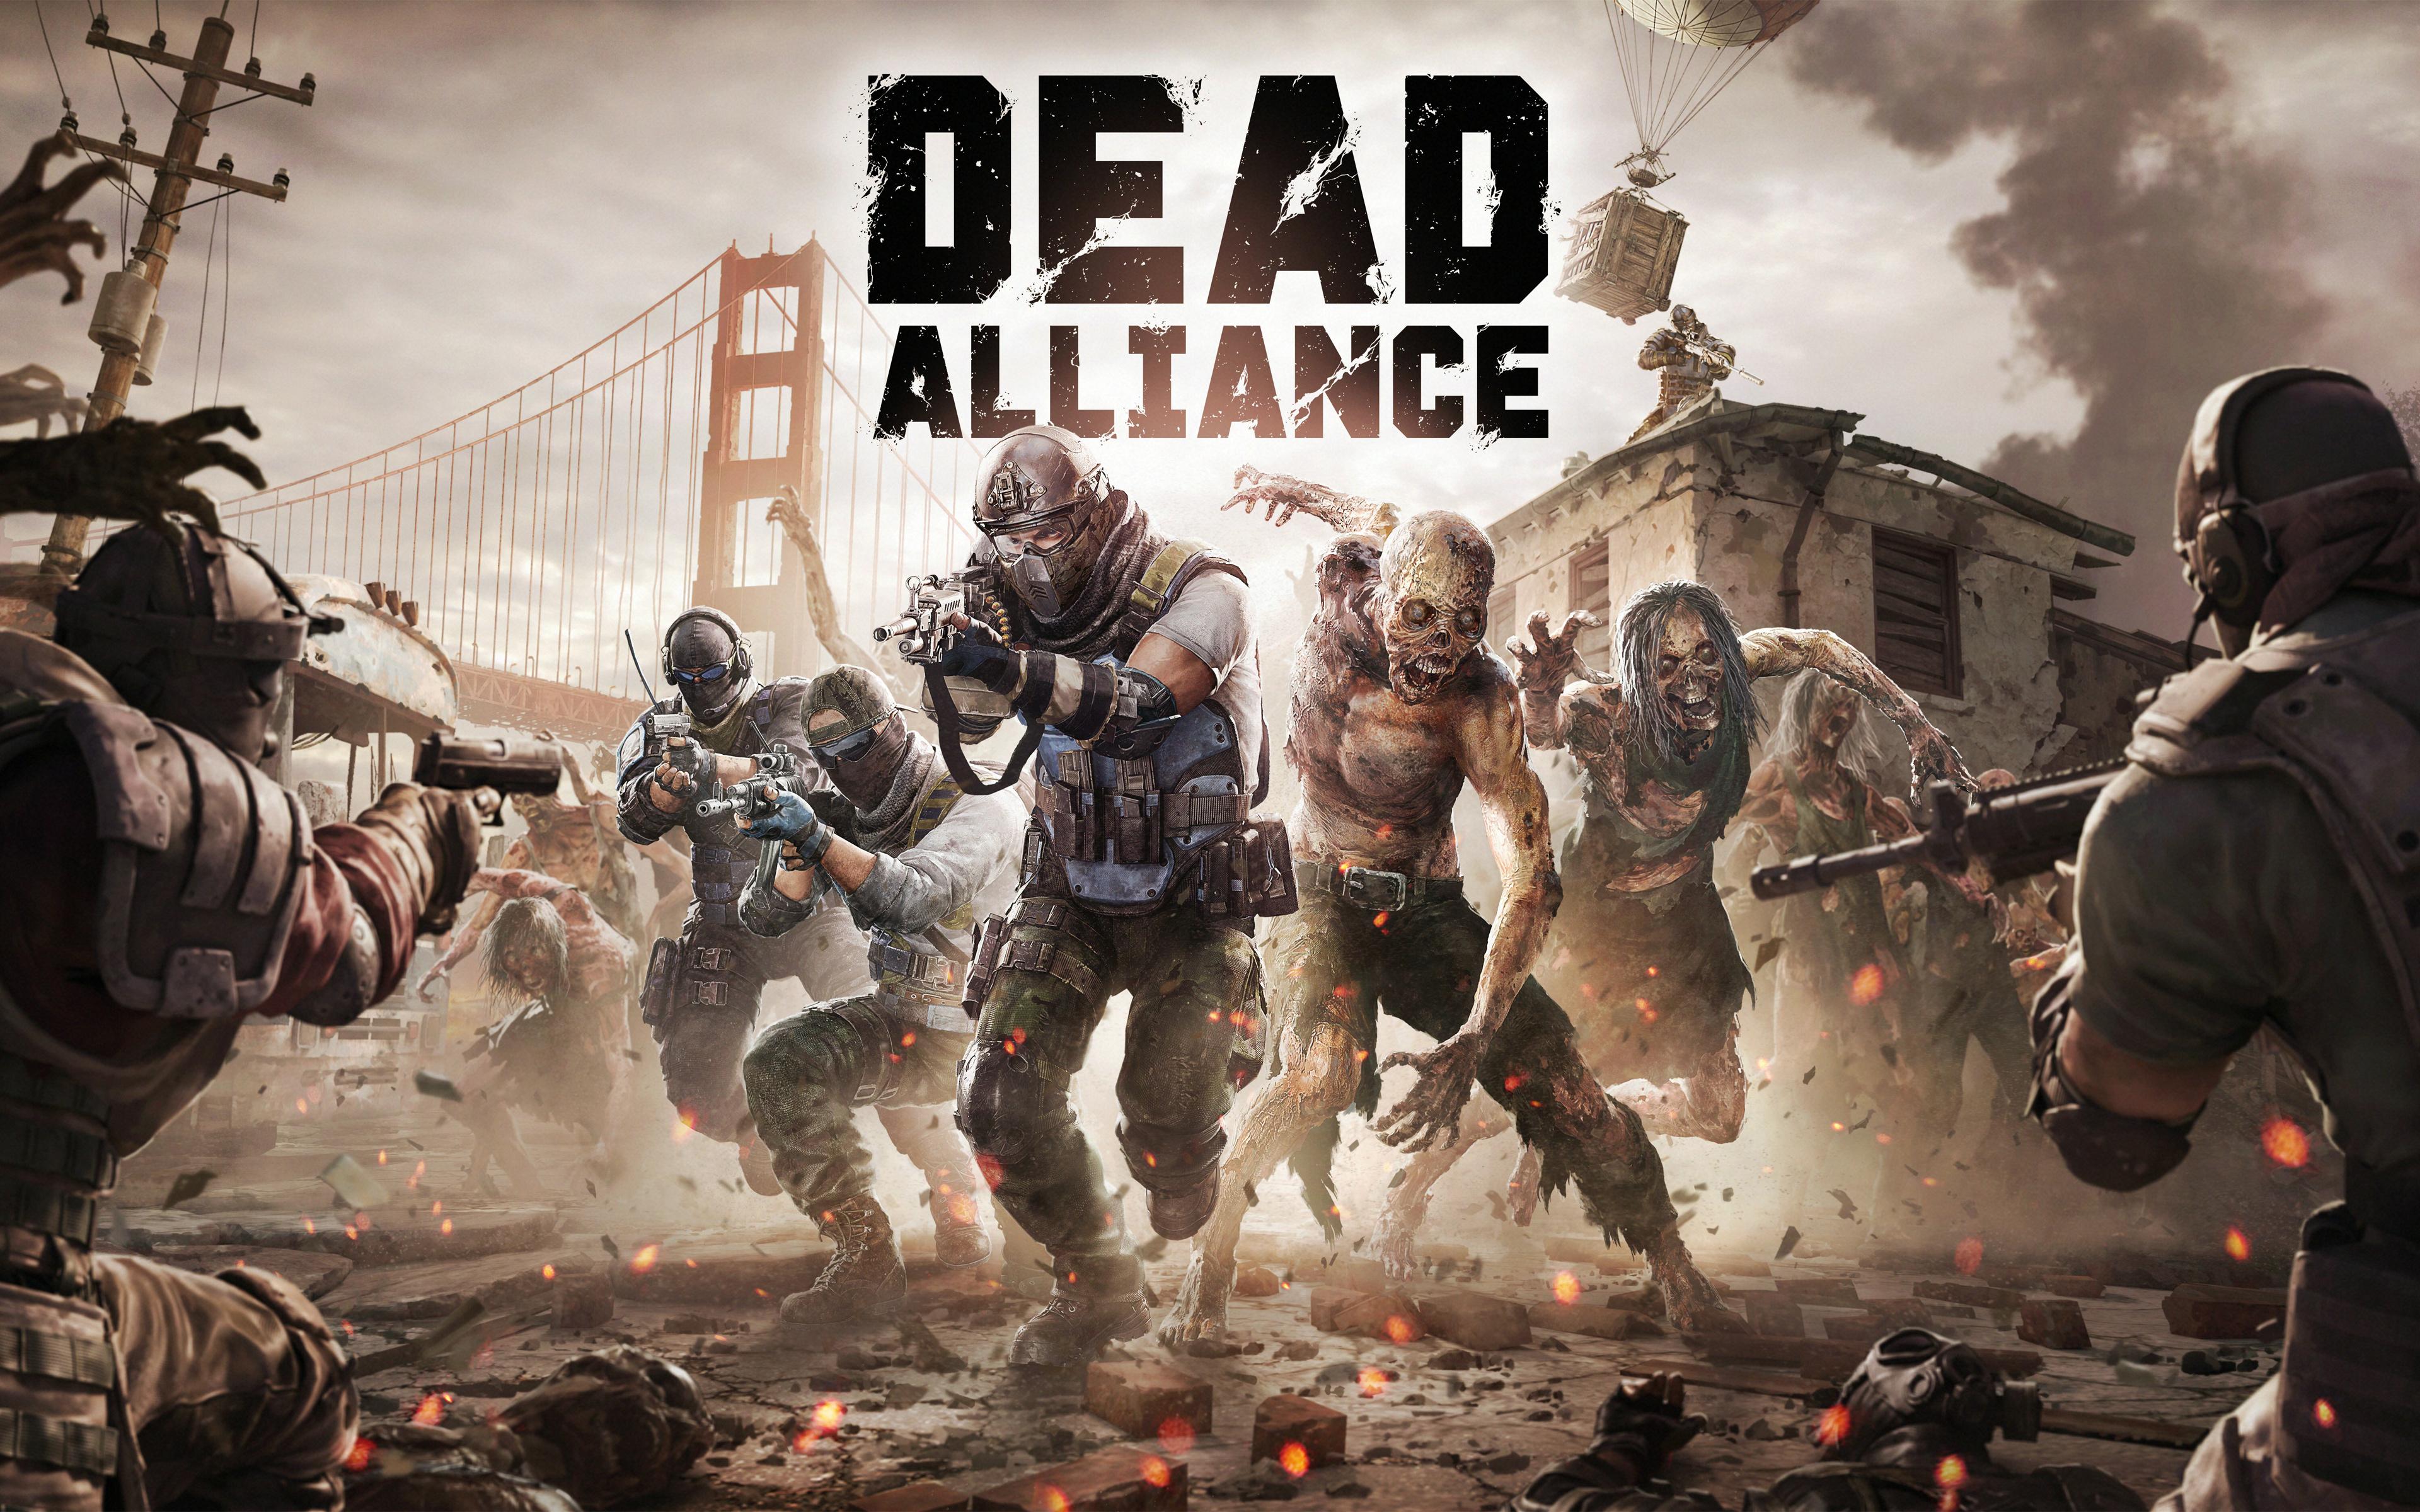 Мертвые игры Альянс 5к. обои скачать